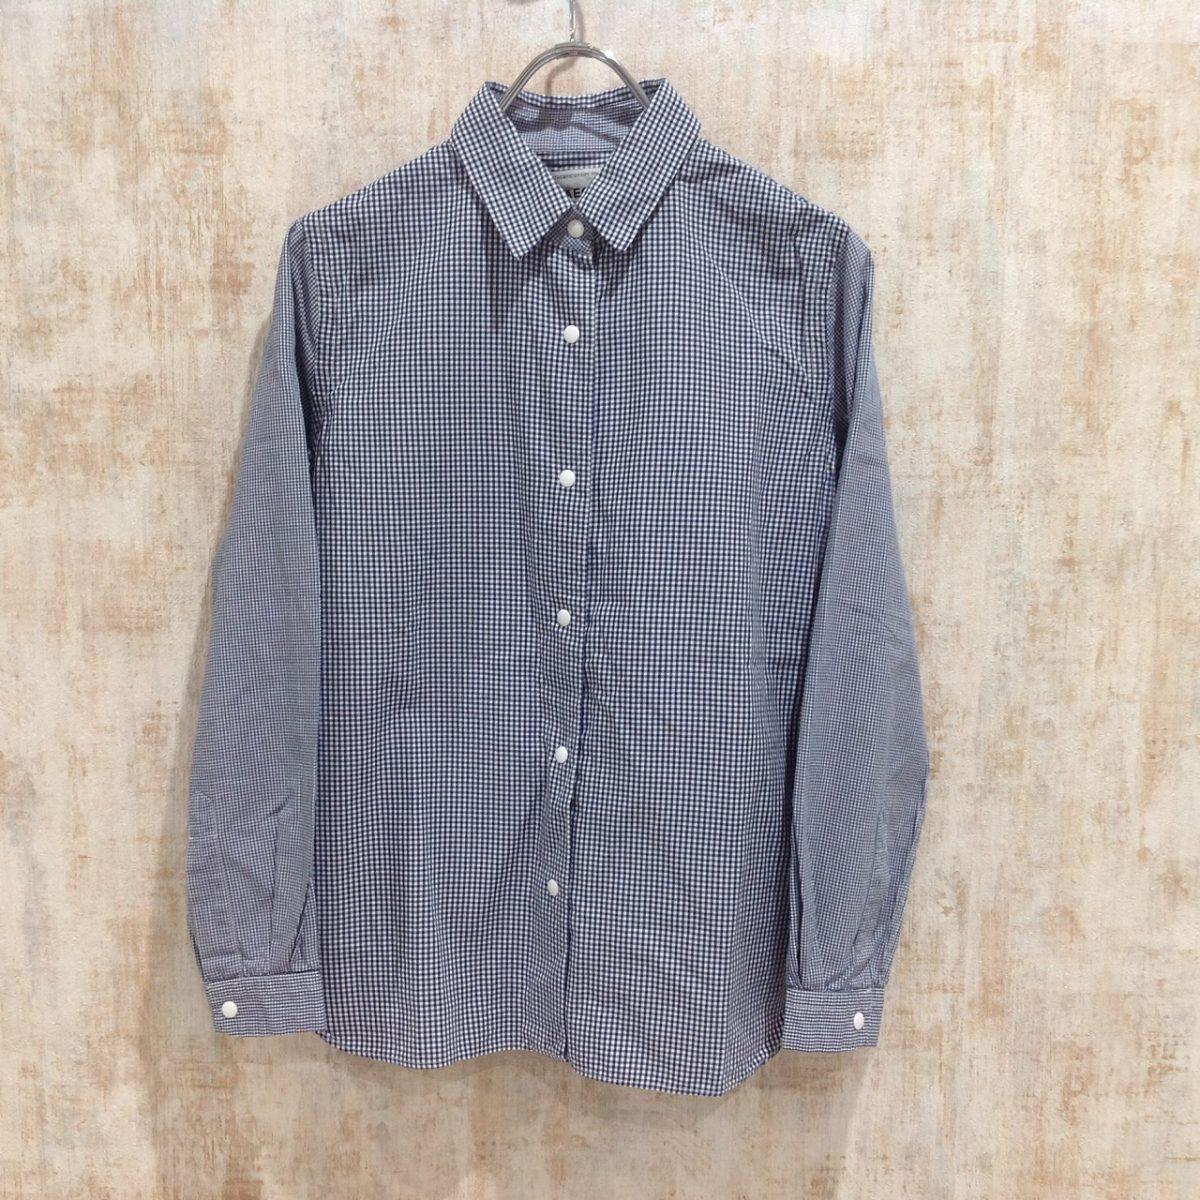 YAECAの人気アイテムであるコンフォートシャツ